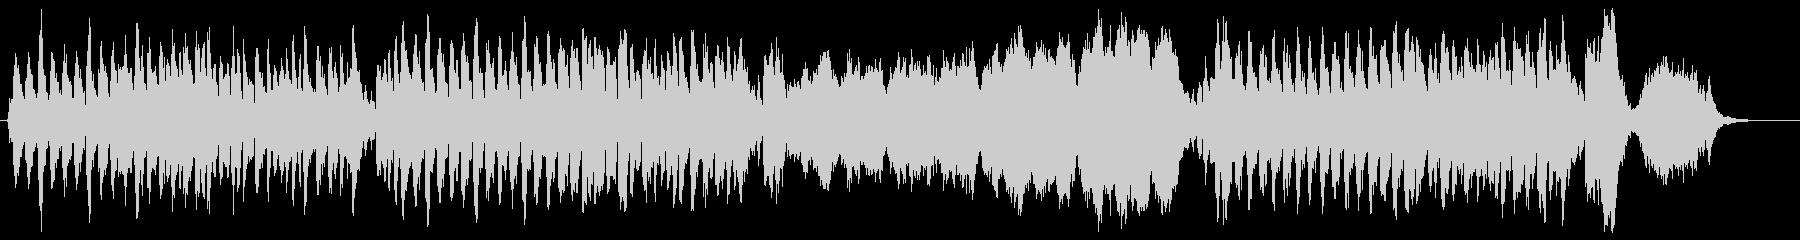 ほのぼの明るいオーケストラ曲の未再生の波形